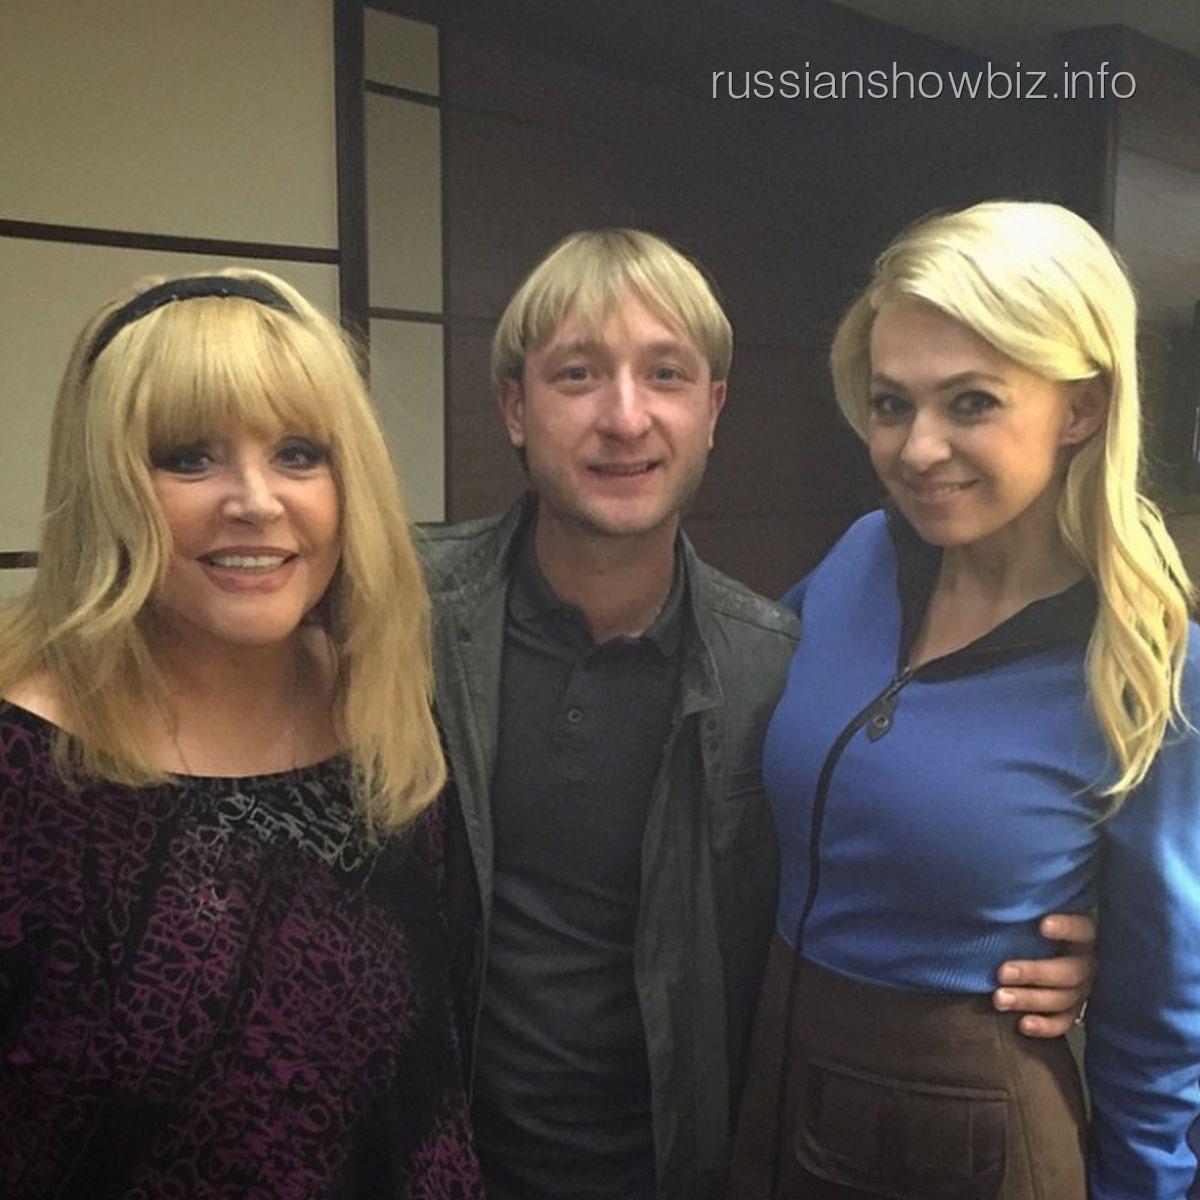 Алла Пугачева, Евгений Плющенко и Яна Рудковская